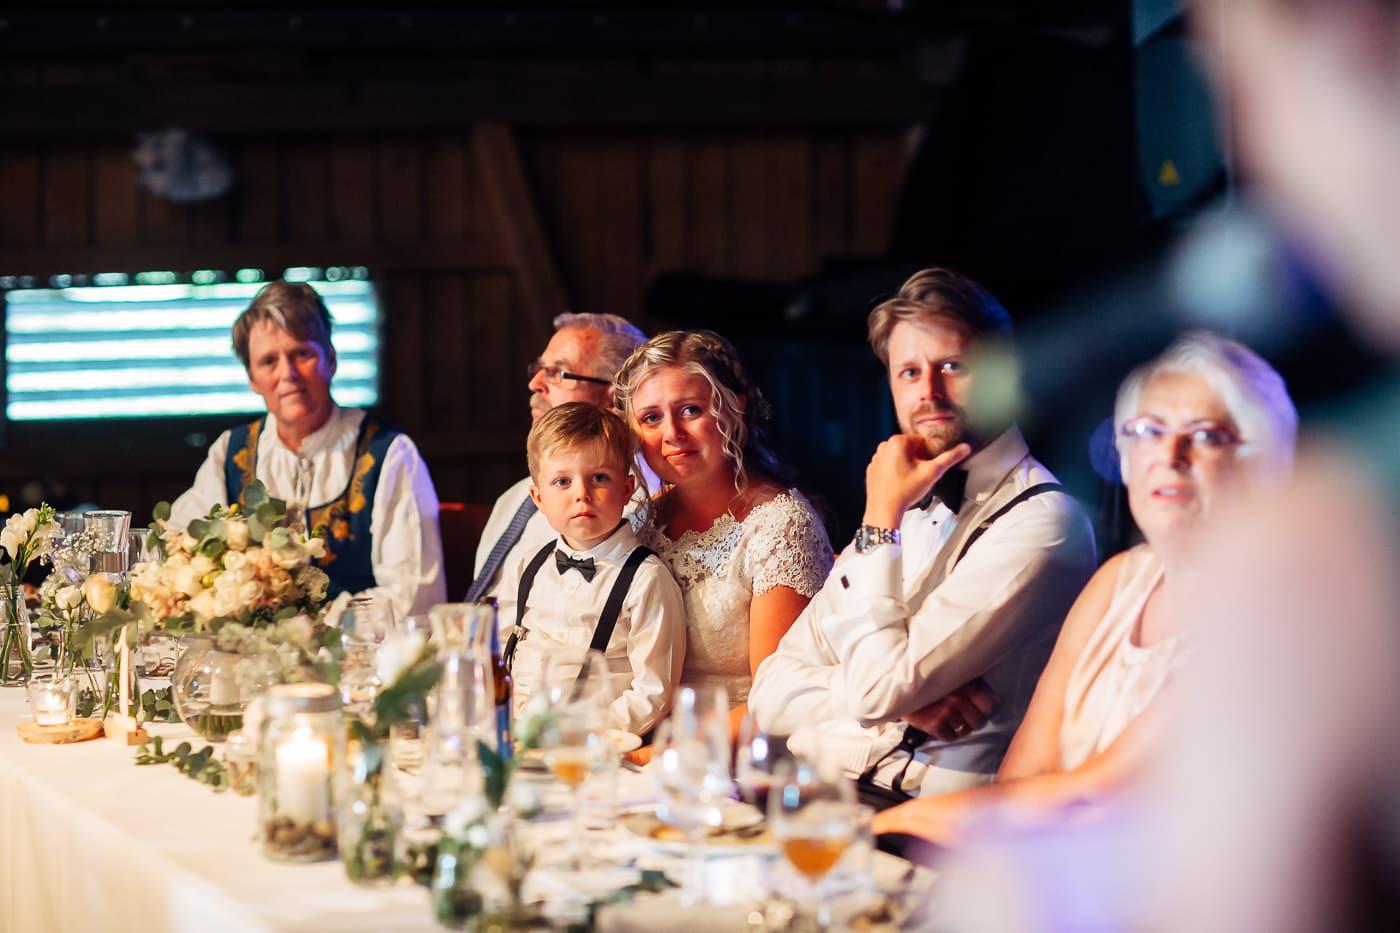 Linn & Frank - rørende og vakkert låvebryllup i Minnesund Bryllupsbilder Minnesund Eidsvoll 74 Brudepar